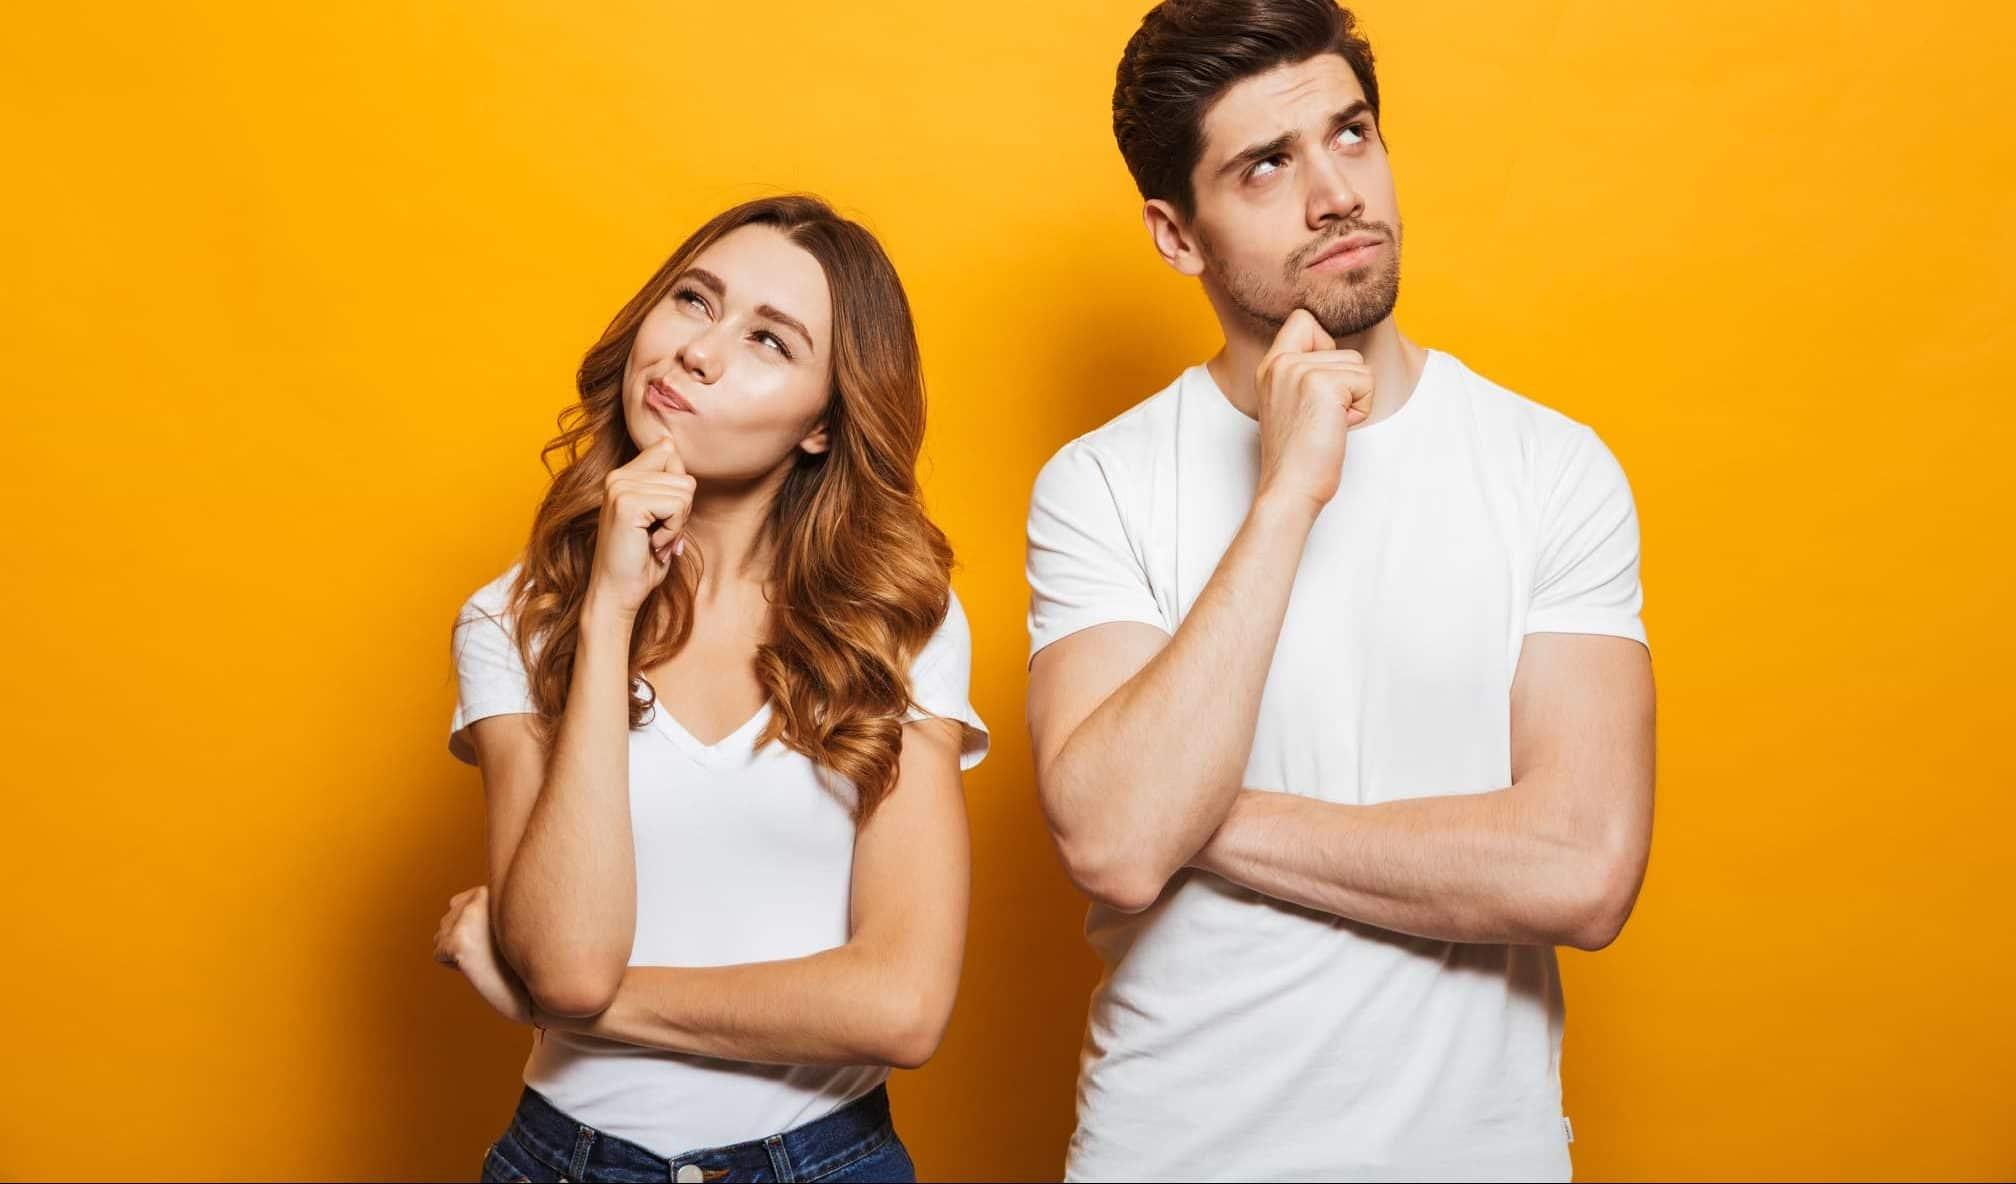 Fundersam man och kvinna mot orange bakgrund